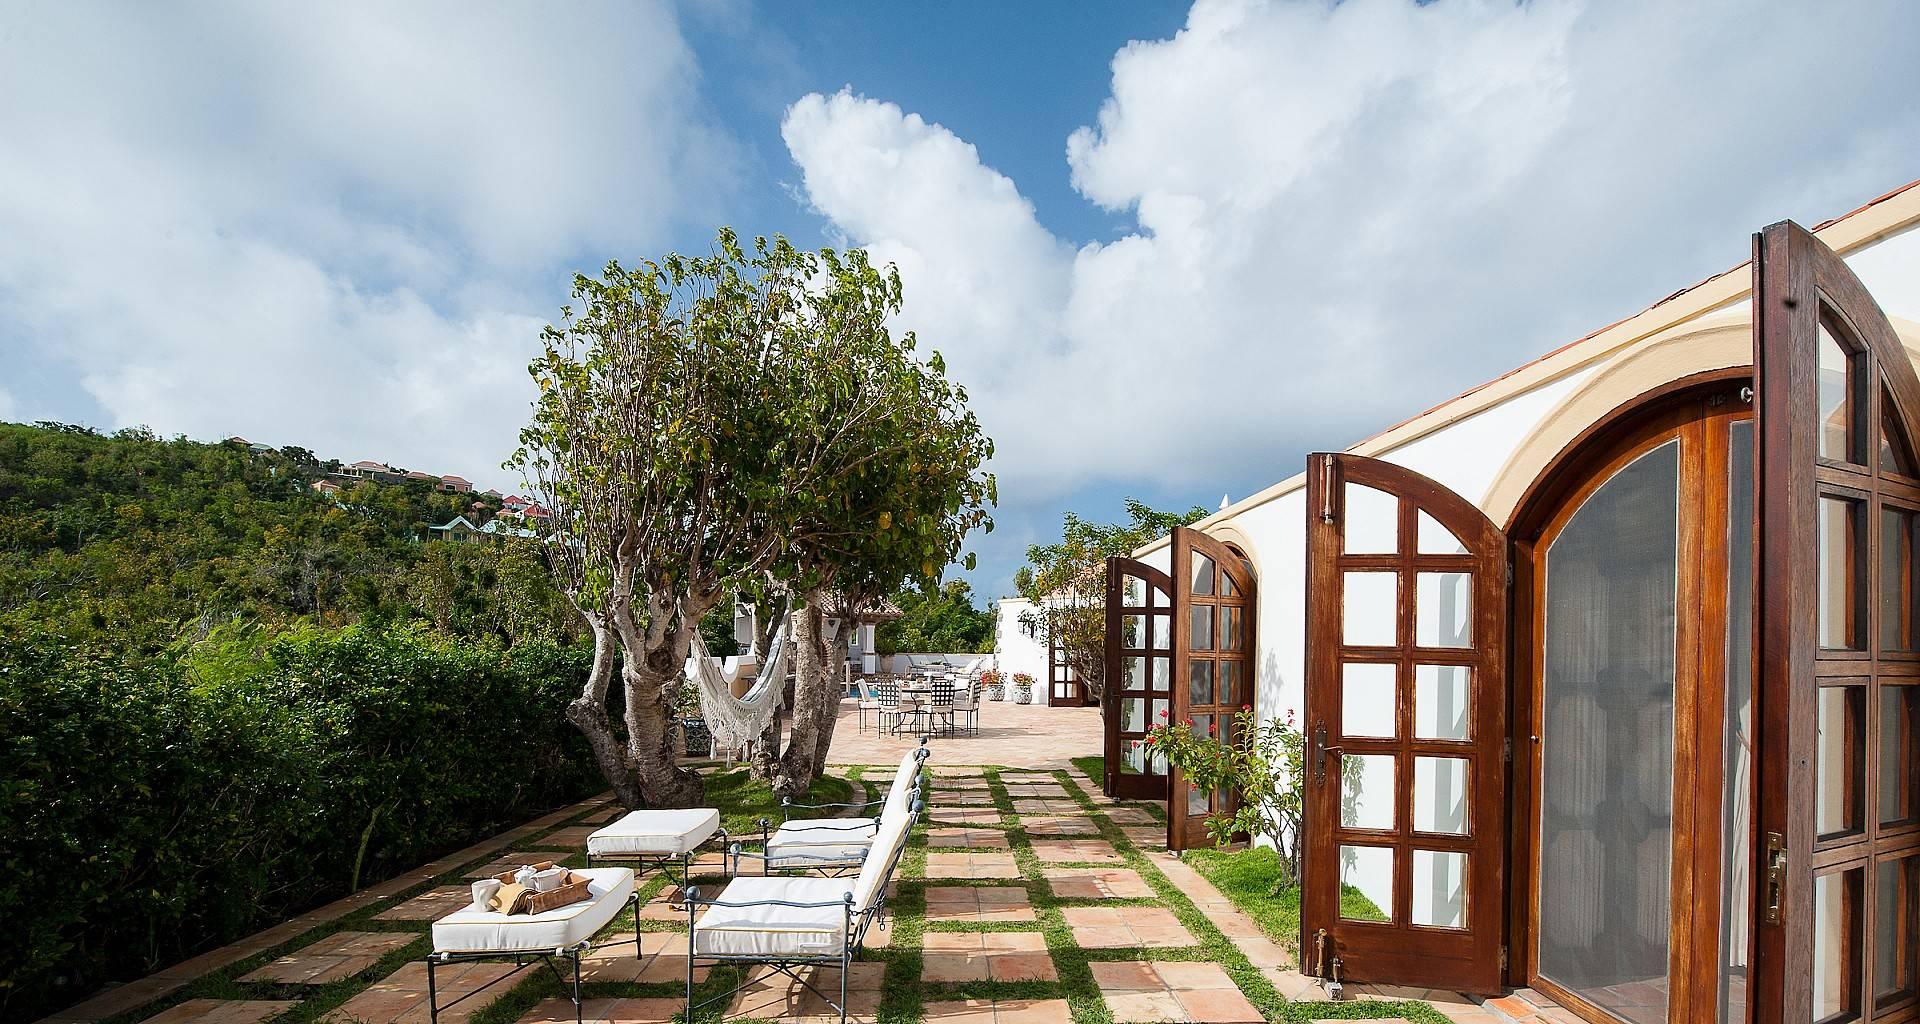 Villa Maison Mexicaine Terrace